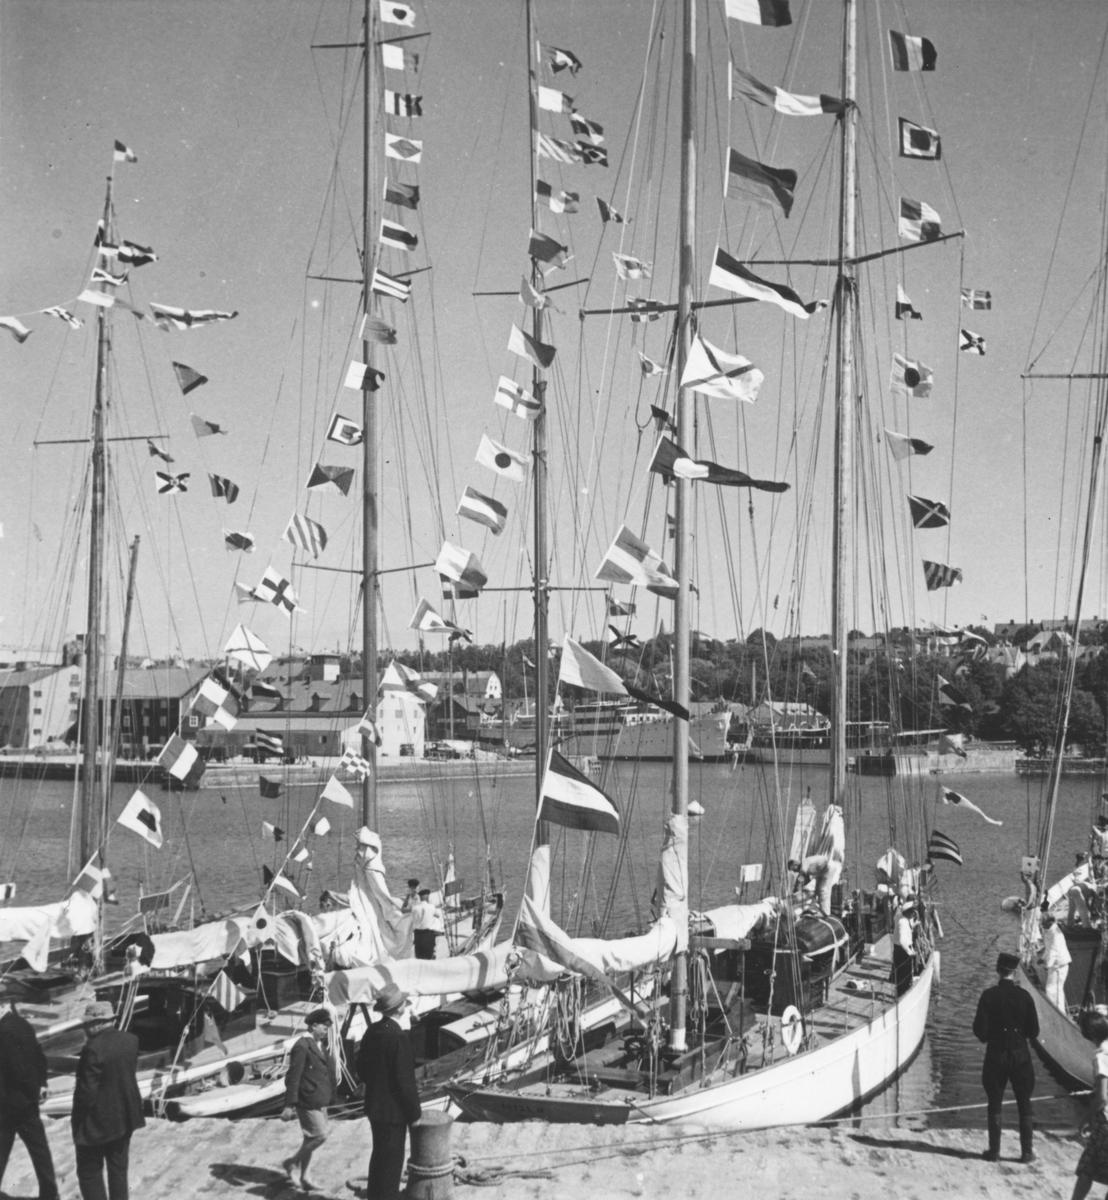 """Fartyg: ETTSI IV                        Byggår: 1923 Varv: Neptun-Werft, Rostock Konstruktör: Barg, Gerhard Övrigt: Namnet ETTSI IV kan tydas med lupp på akterspegeln på den närmaste båten; detta visar att bilden tagits inför Gotland Runt 1937, eftersom ETTSI IV inte deltog då Gotland Runt åter ägde rum 1939. I seglingsprotokollet från 1937 (KSSS årsbok 1938) uppges en H. Kadelbach ha varit """"Ägare eller rorsman"""" till/på ETTSI IV. I bakgrunden t v skymtar Ångfartygs Ab Gotlands fartyg GOTLAND (b. 1936) och HANSA (b. 1899). Jfr Fo134971 från samma tillfälle. Anteckningarna på baksidan tyder på att detta fotografi varit avsett att återges i tryck, men var så skett är inte bekant."""